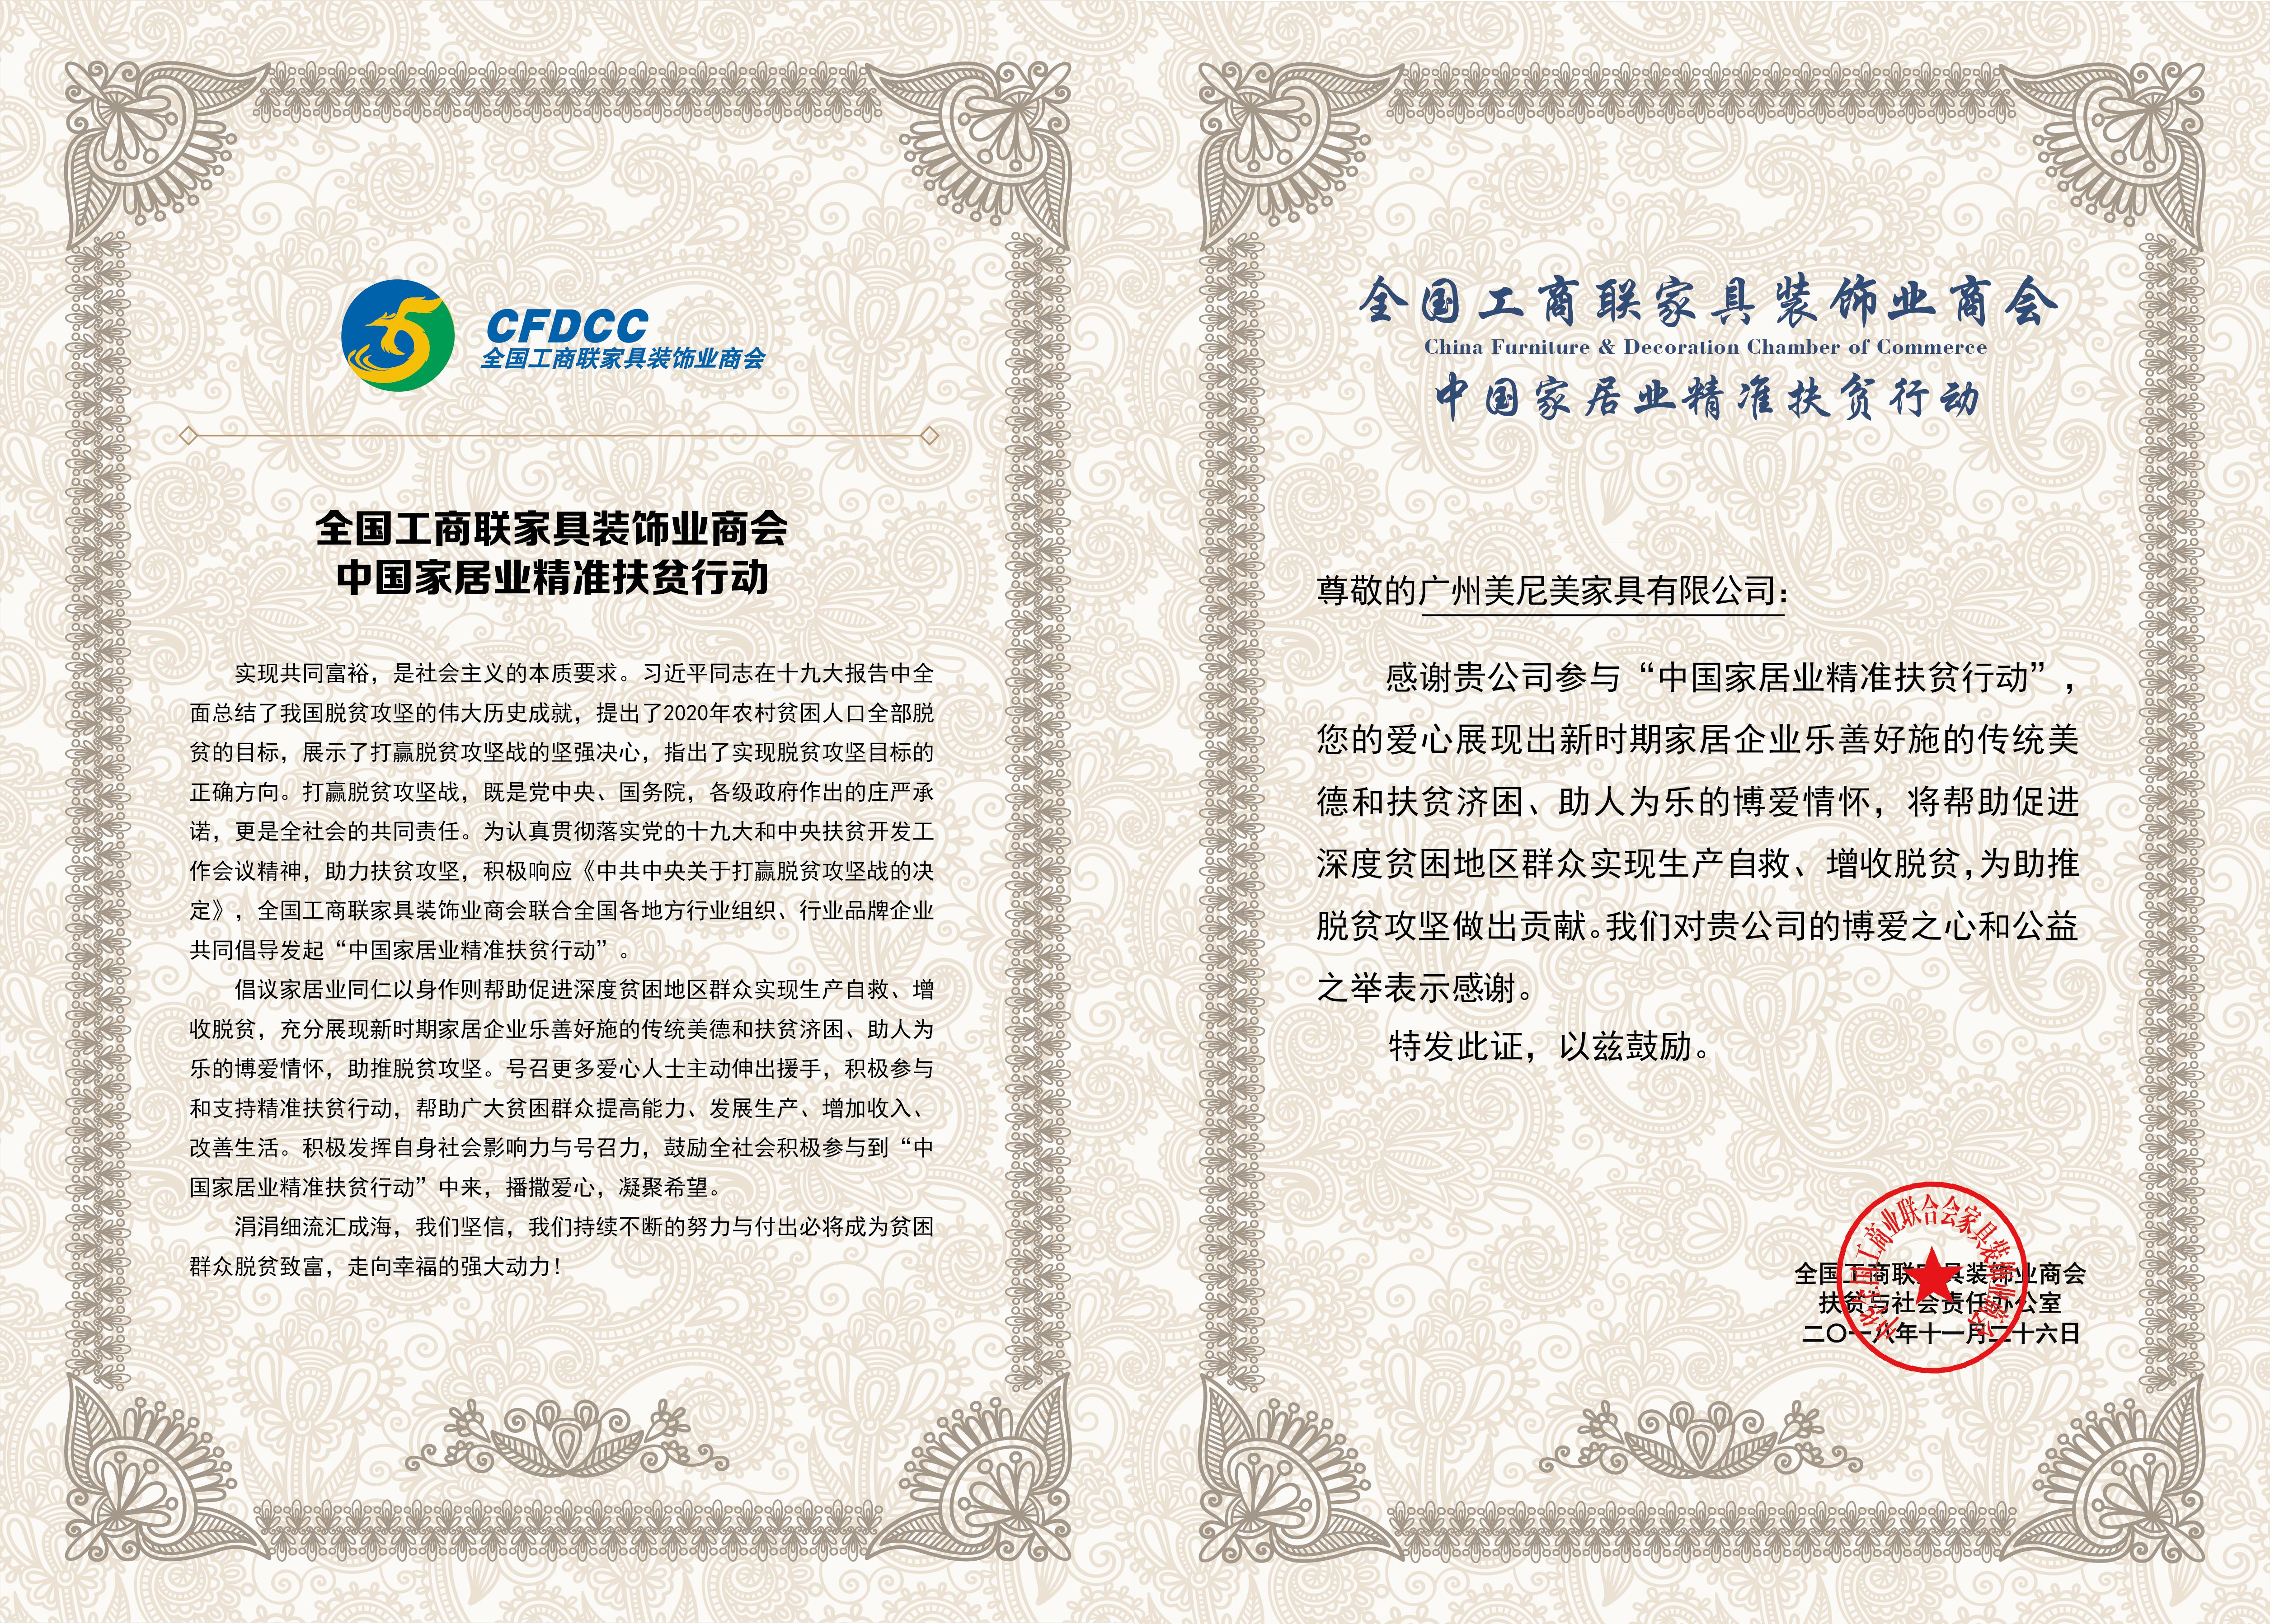 中国家居业精准扶贫行动